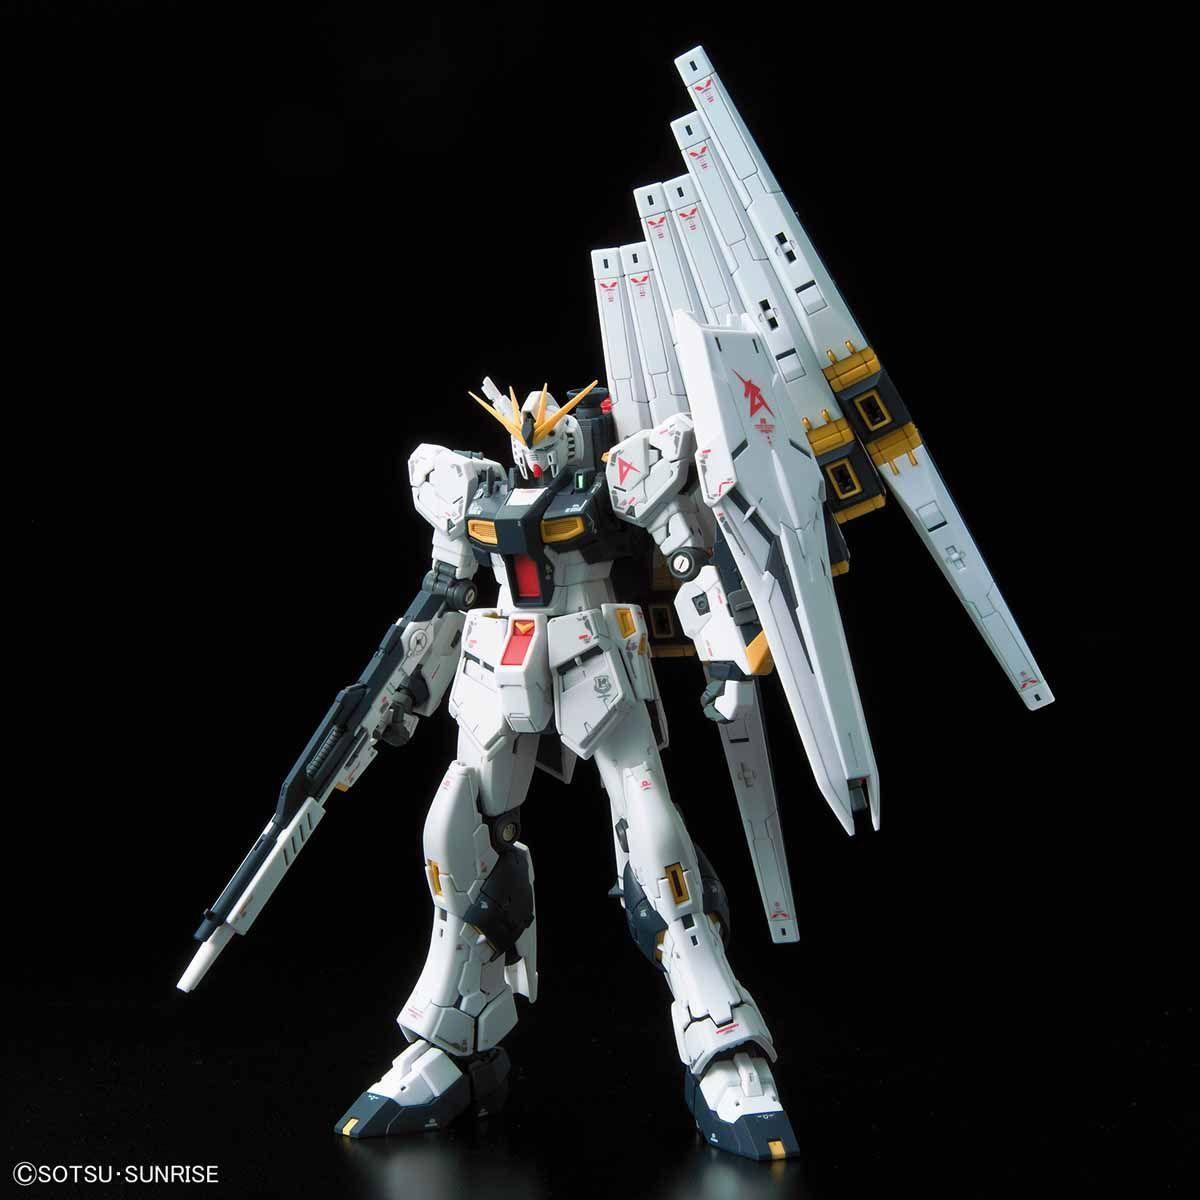 Bandai Hobby: Char's Counterattack - RG 1/144 RX-93 Nu Gundam Model Kit